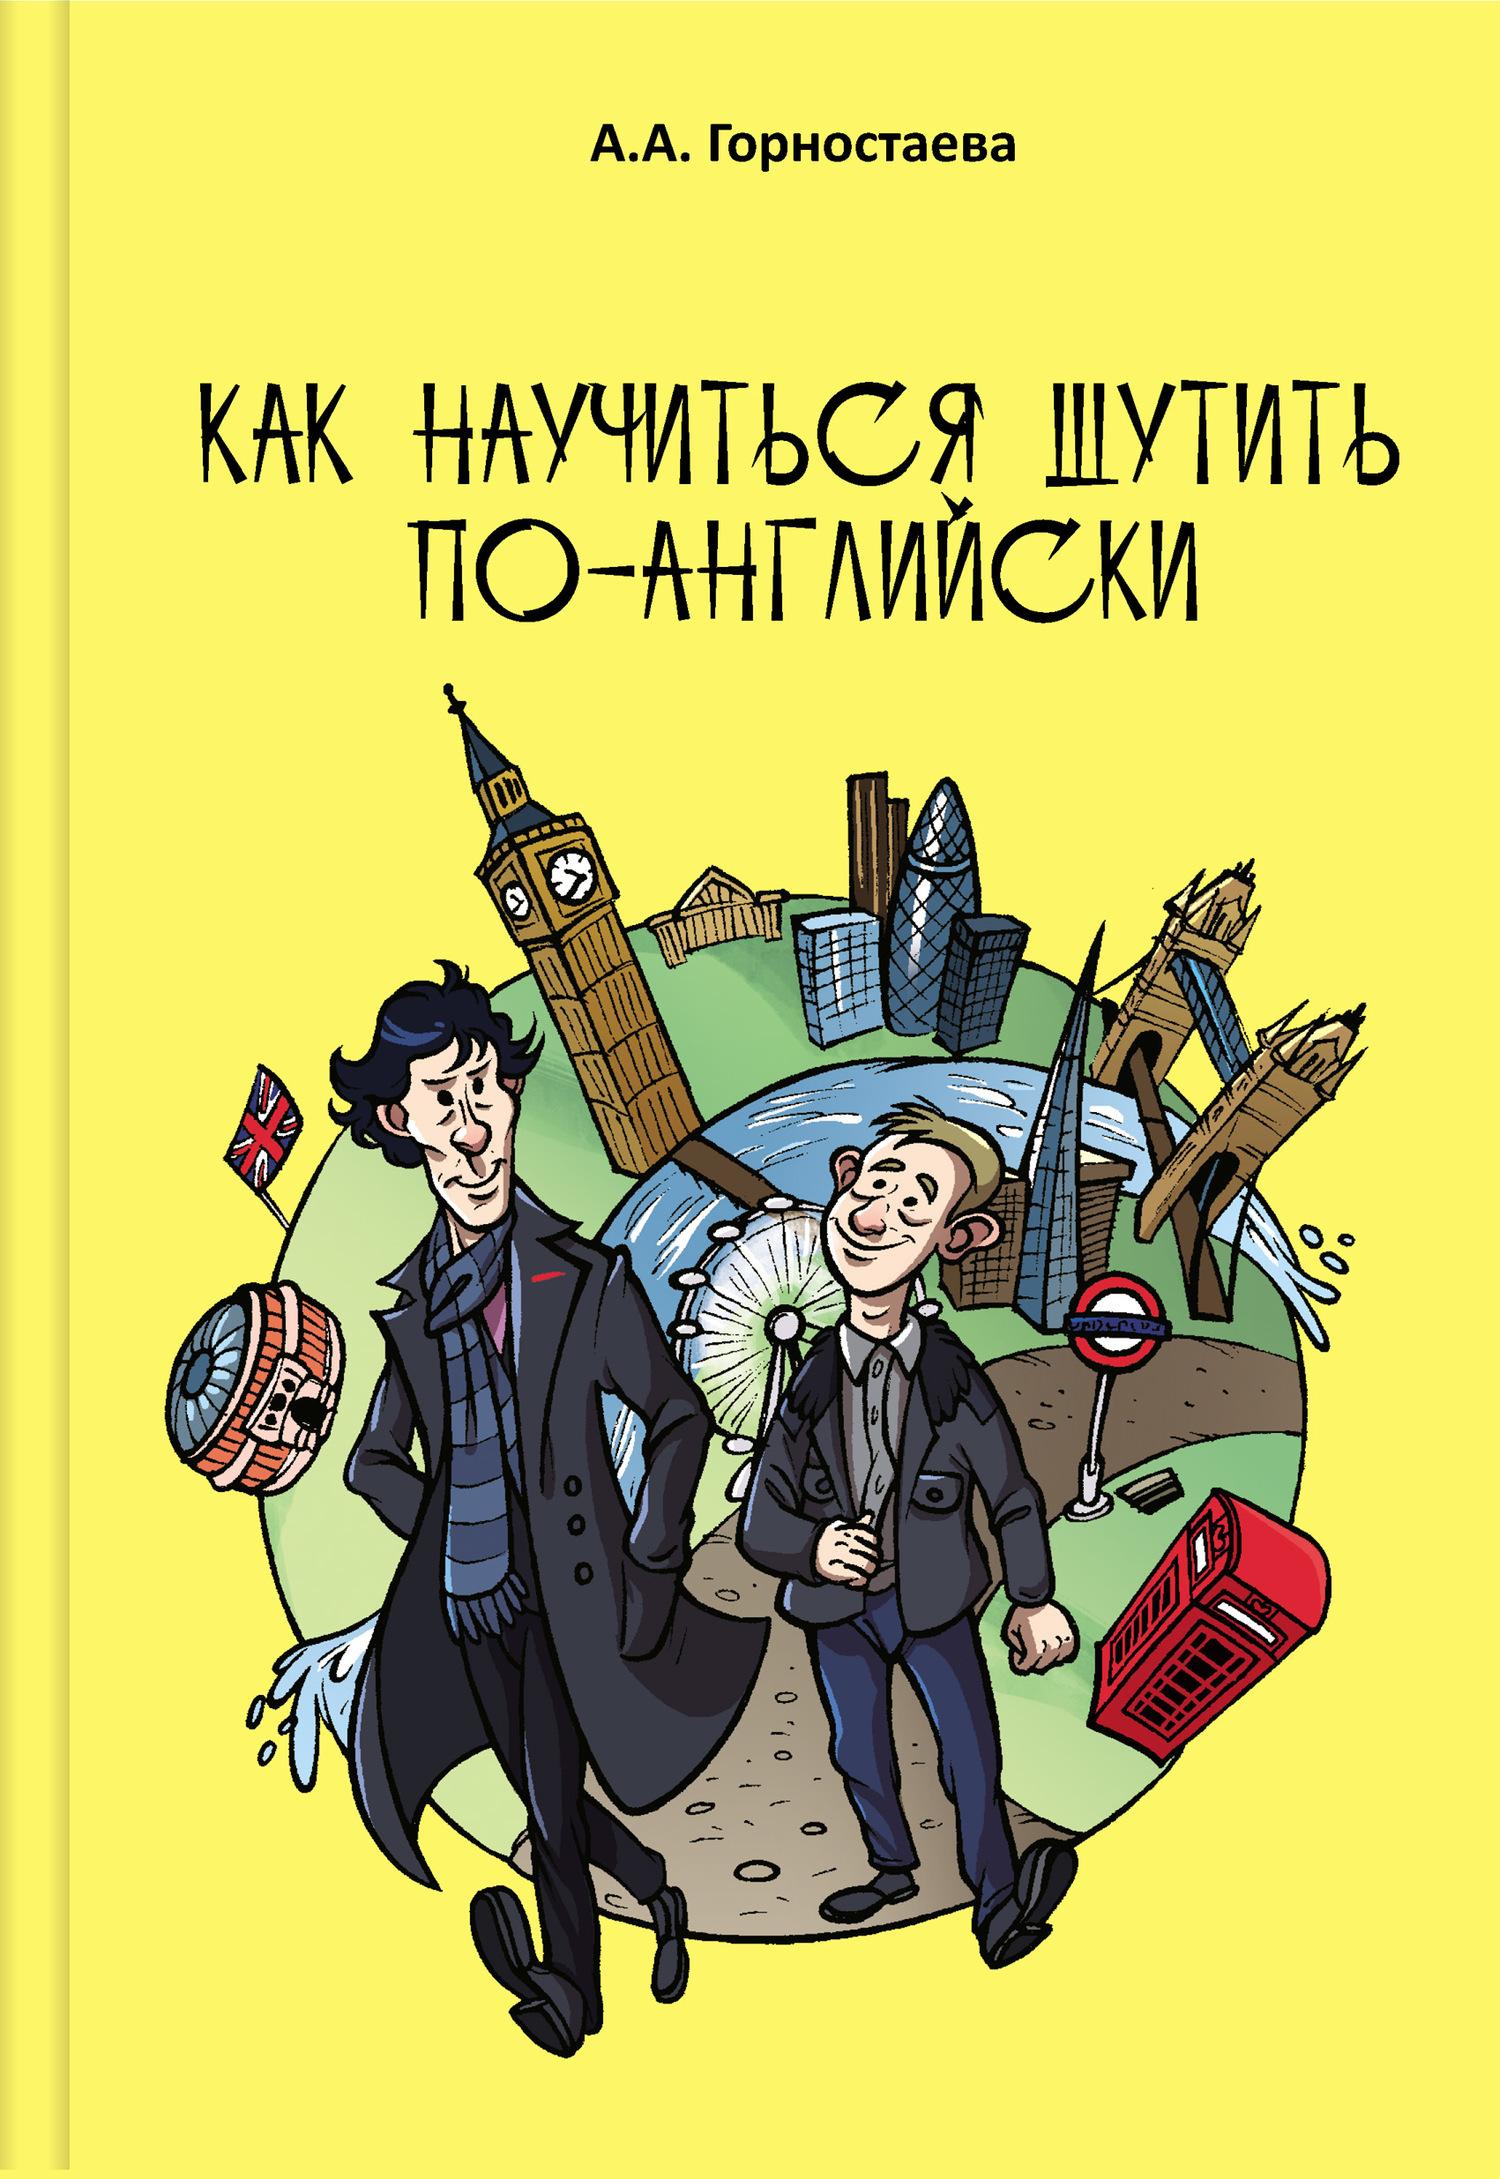 Анна Горностаева. Как научиться шутить по-английски